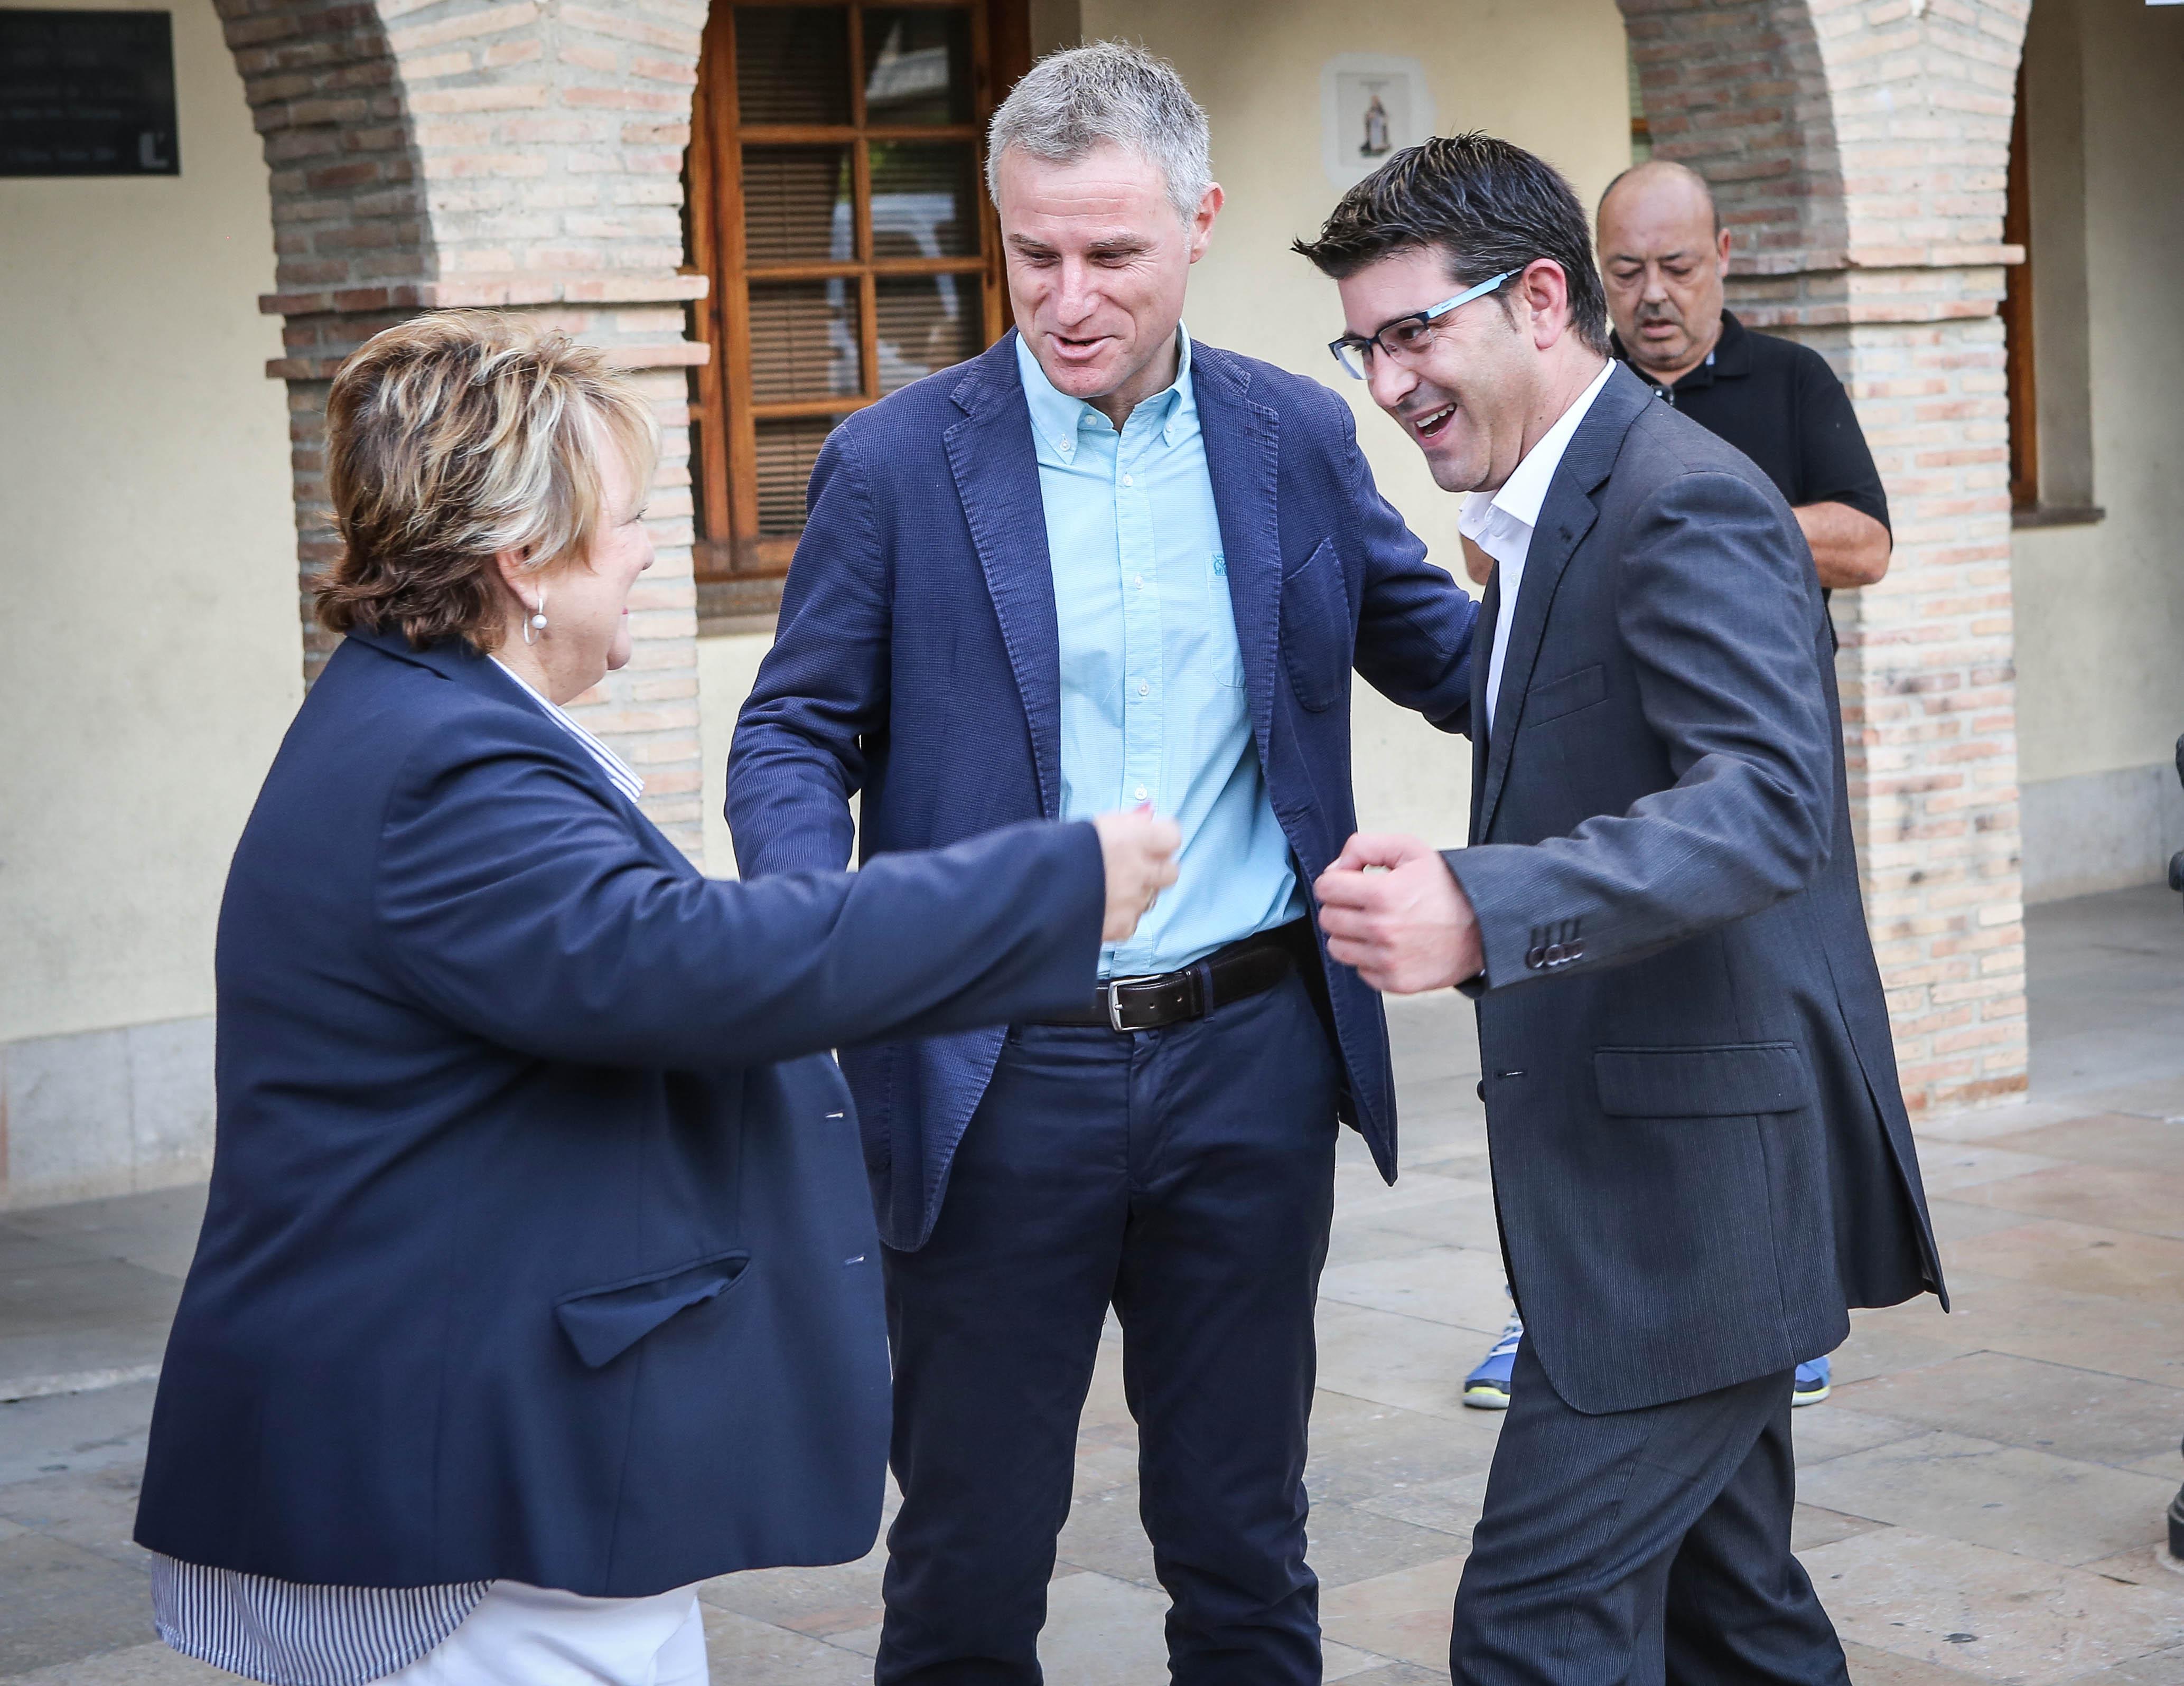 El municipio recibe una subvención de 70.000 euros de la institución provincial para desarrollar el Servei Sitred, que gestiona de manera inteligente el espacio público para aparcar vehículos motorizados.